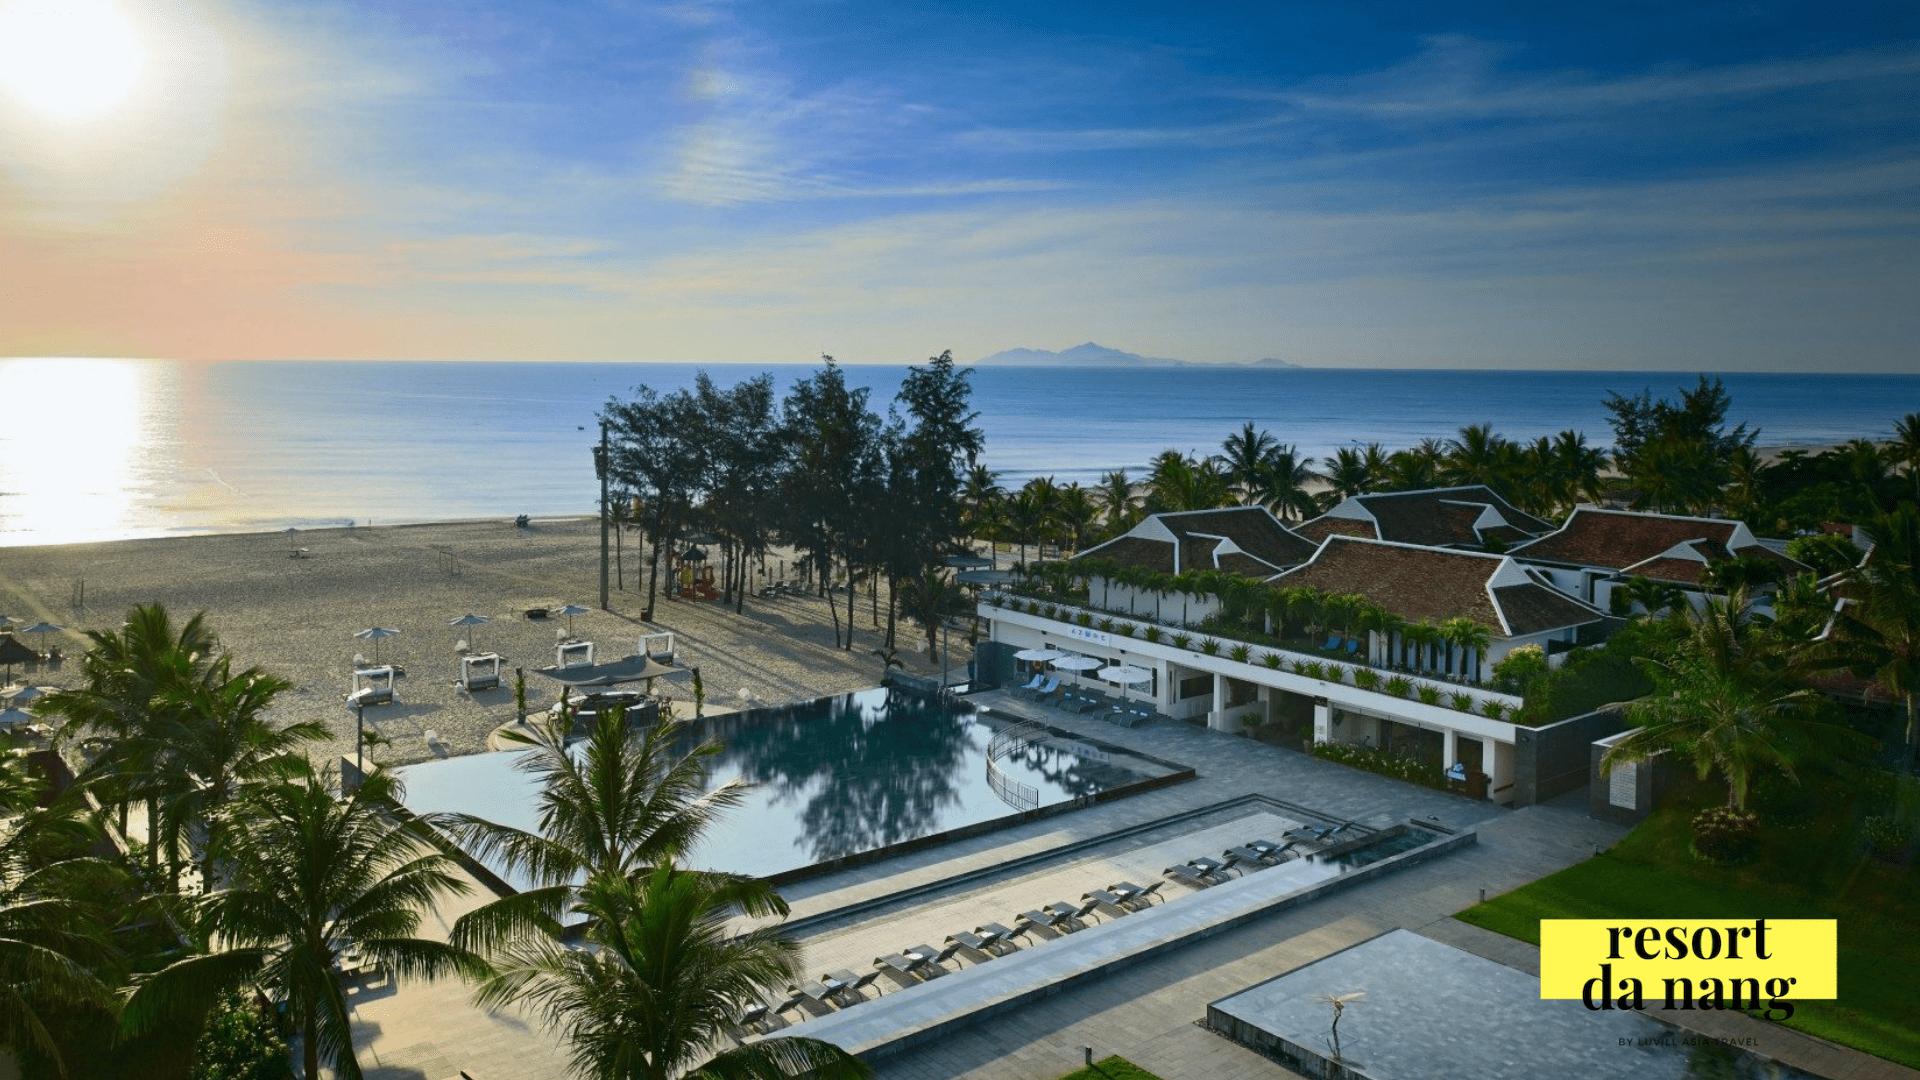 Hòa mình vào biển tại Pullman Resort Đà Nẵng